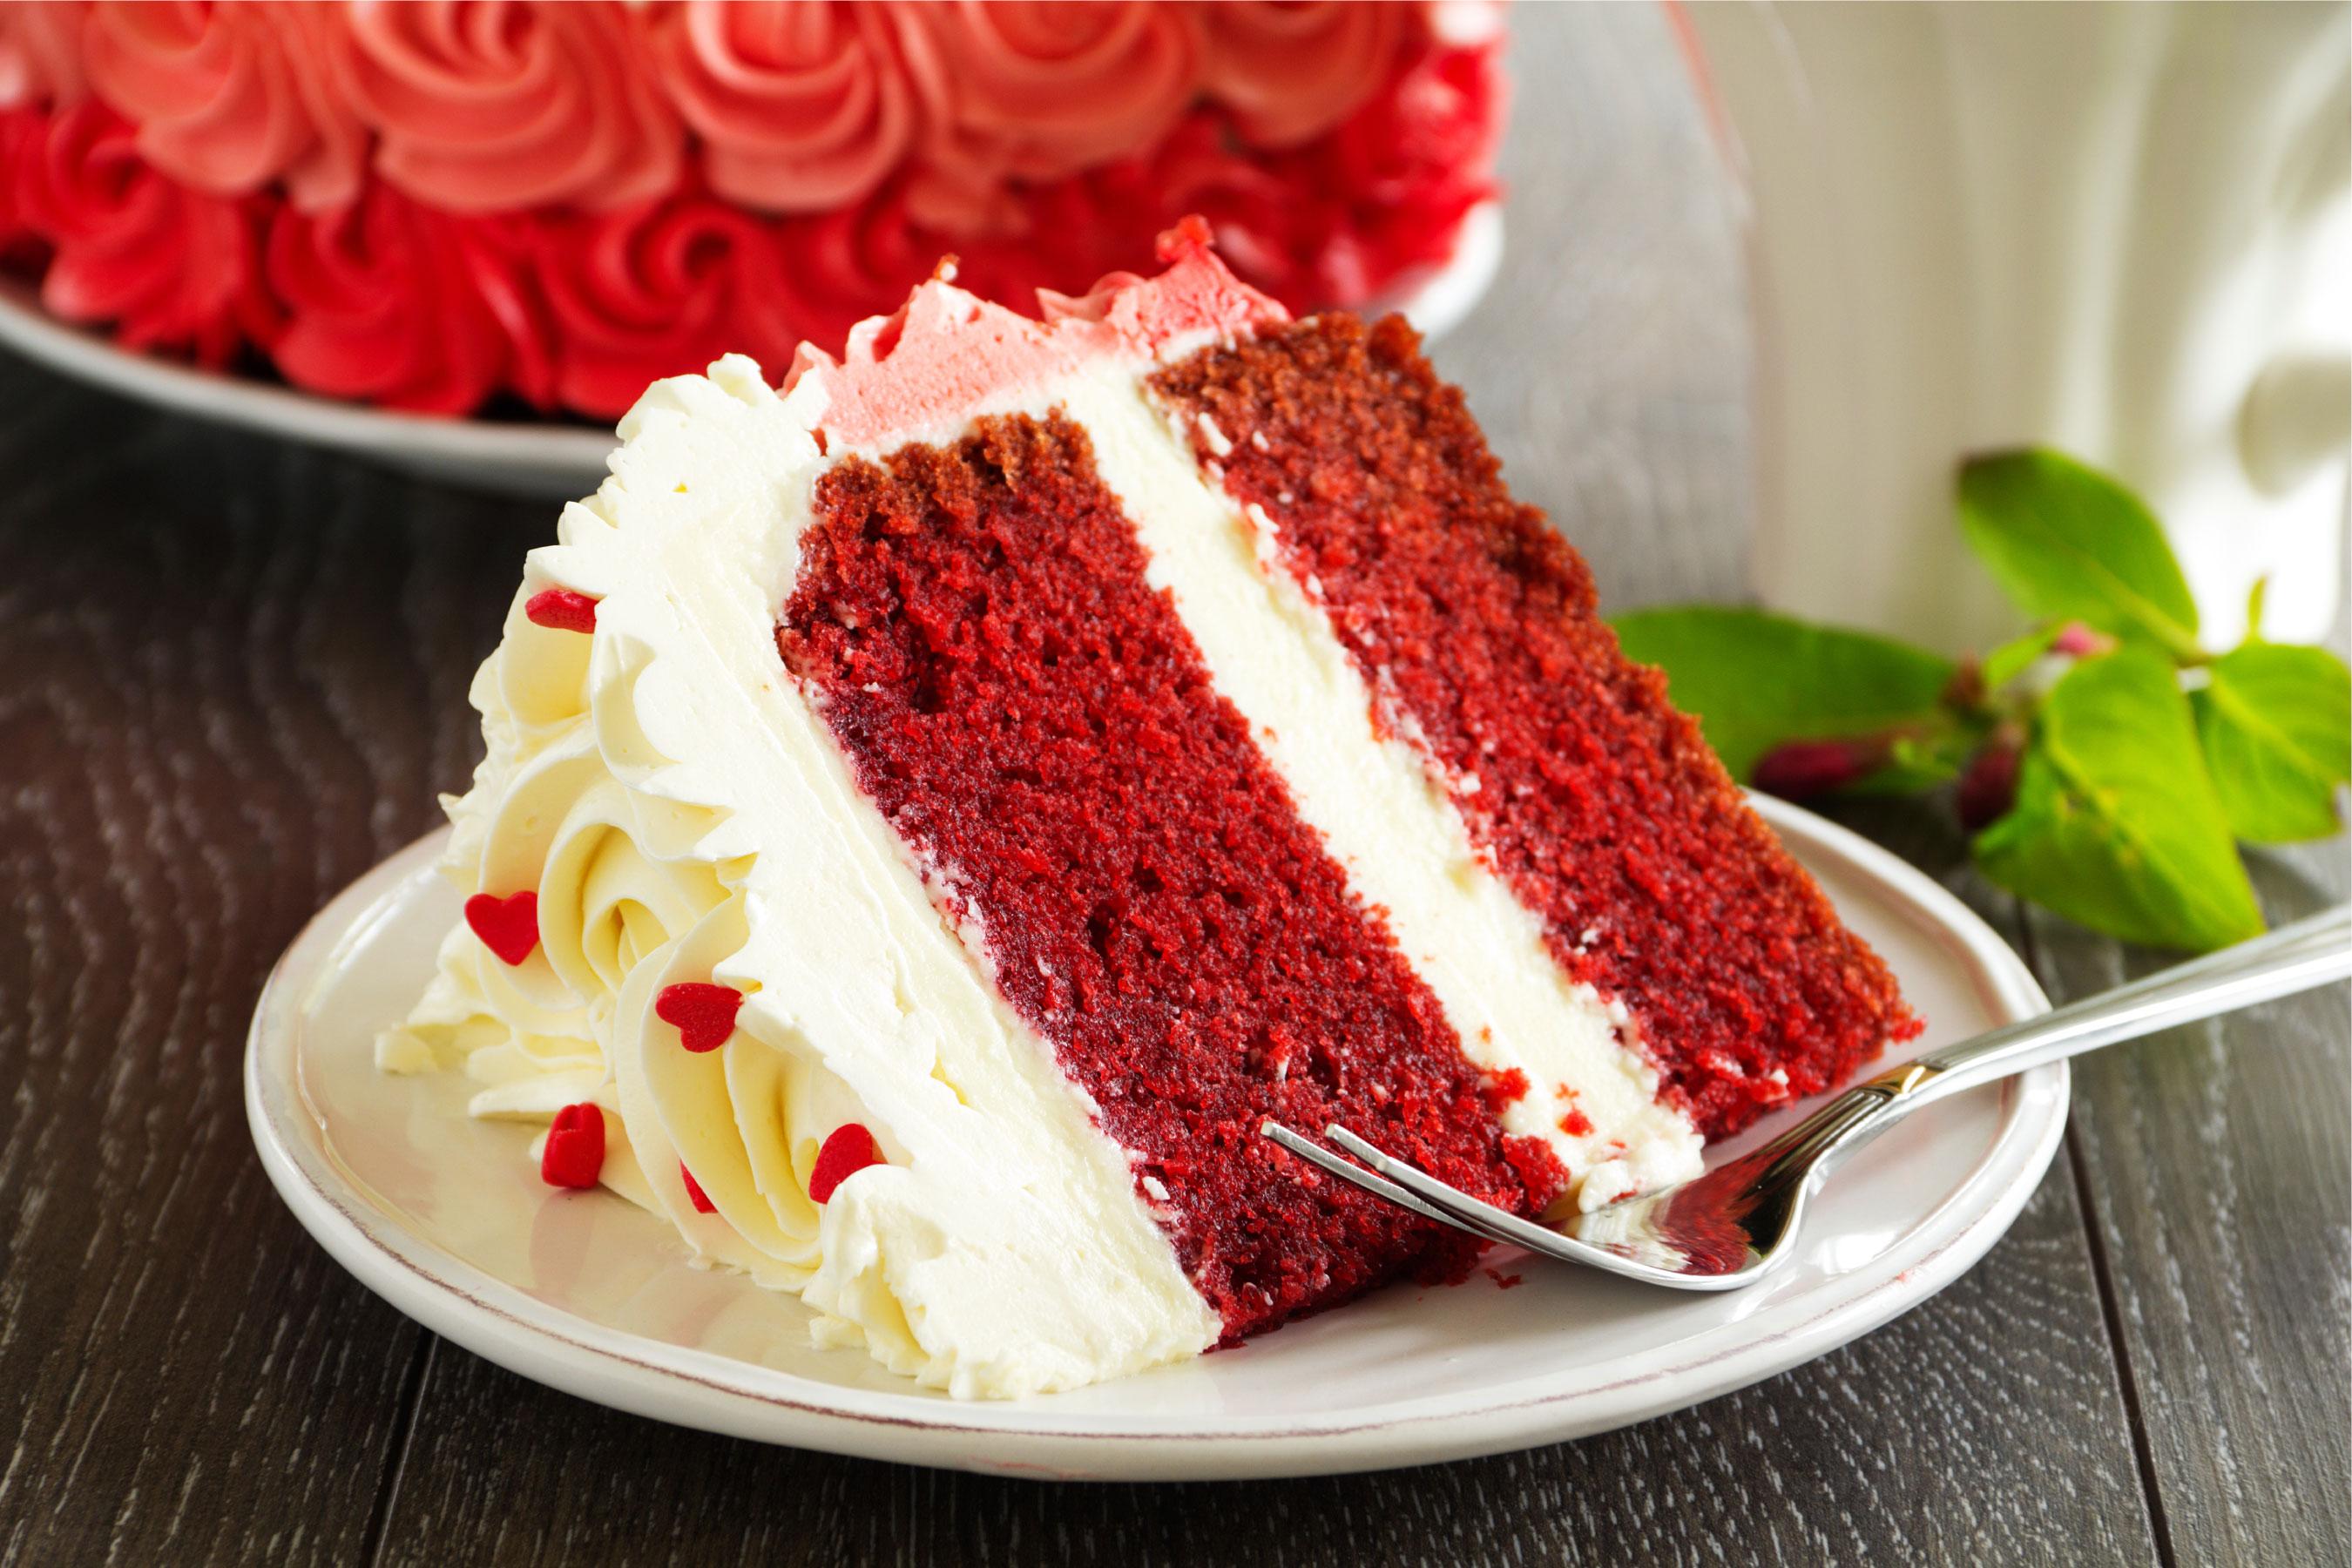 Best Tasting Red Velvet Cake Mix